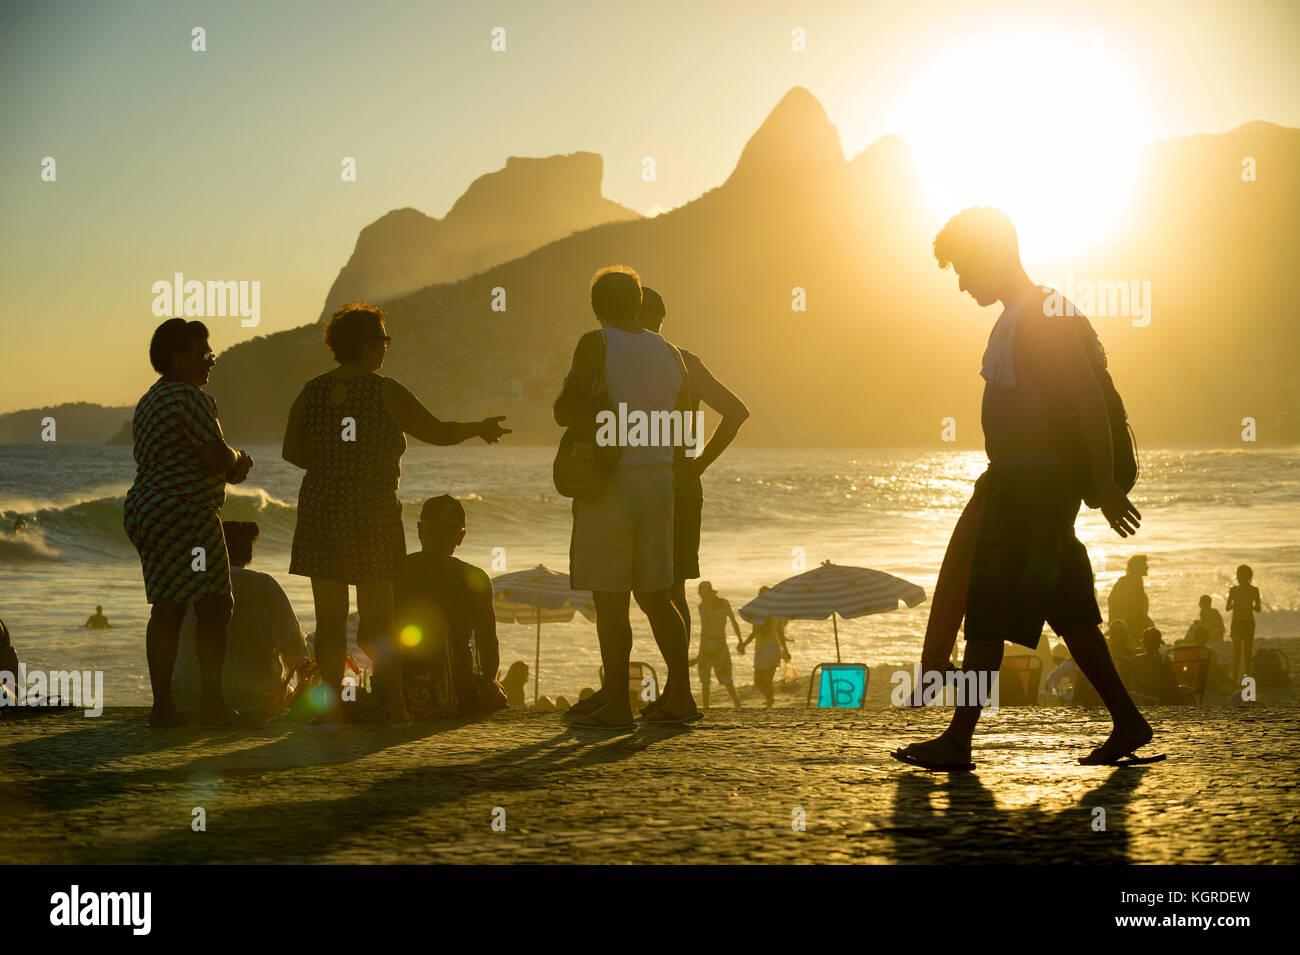 Rio de Janeiro - Marzo 20, 2017: la gente se reúne para ver el atardecer en el arpoador, una popular actividad Imagen De Stock